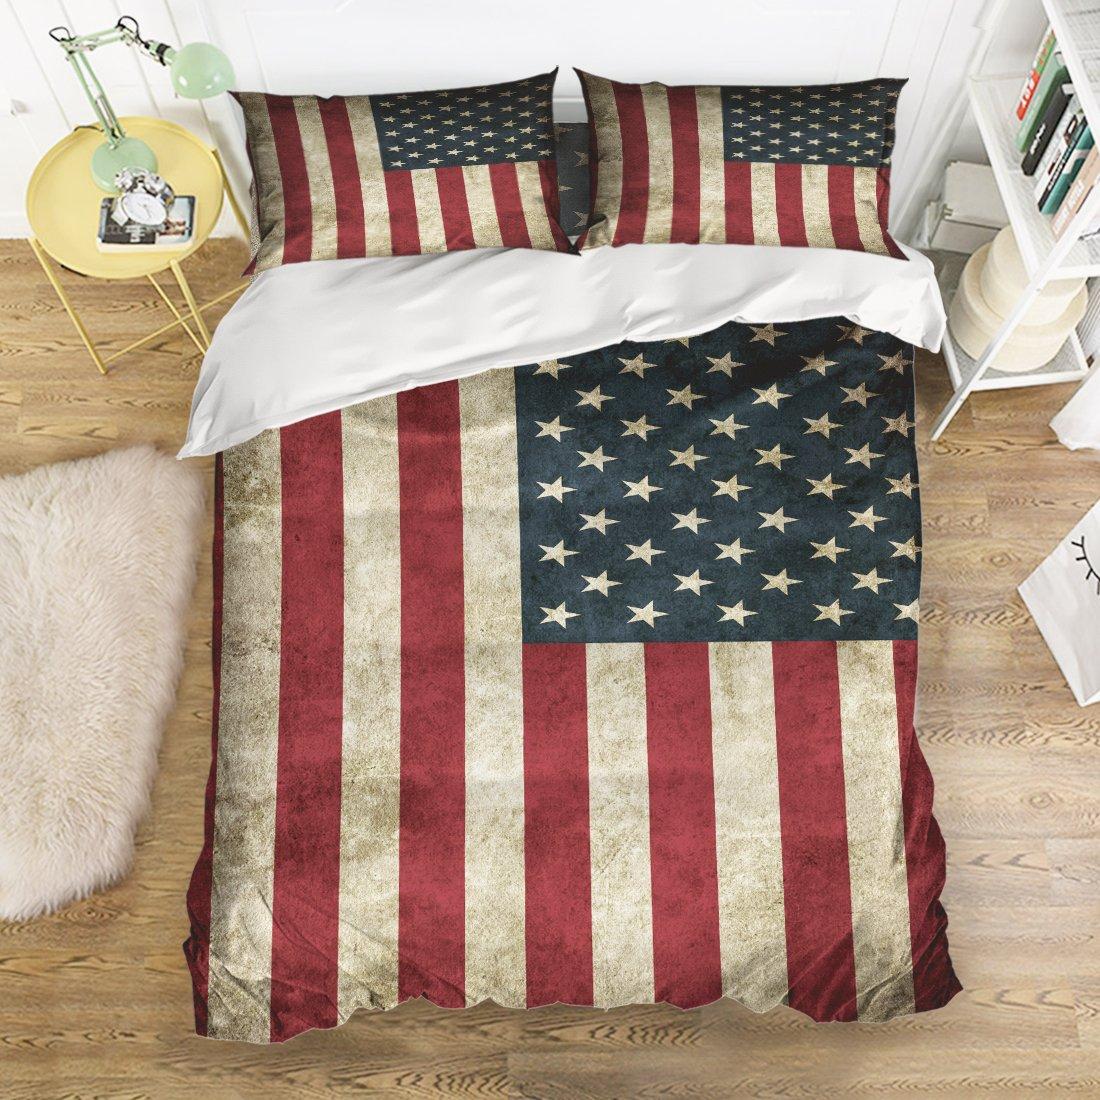 EZONヴィンテージアメリカ国旗4ピースベッドシートセット1ベッドシート1布団カバー枕カバー2枚 フル TK-LEOBON-0356 B07B9WXQC3   フル